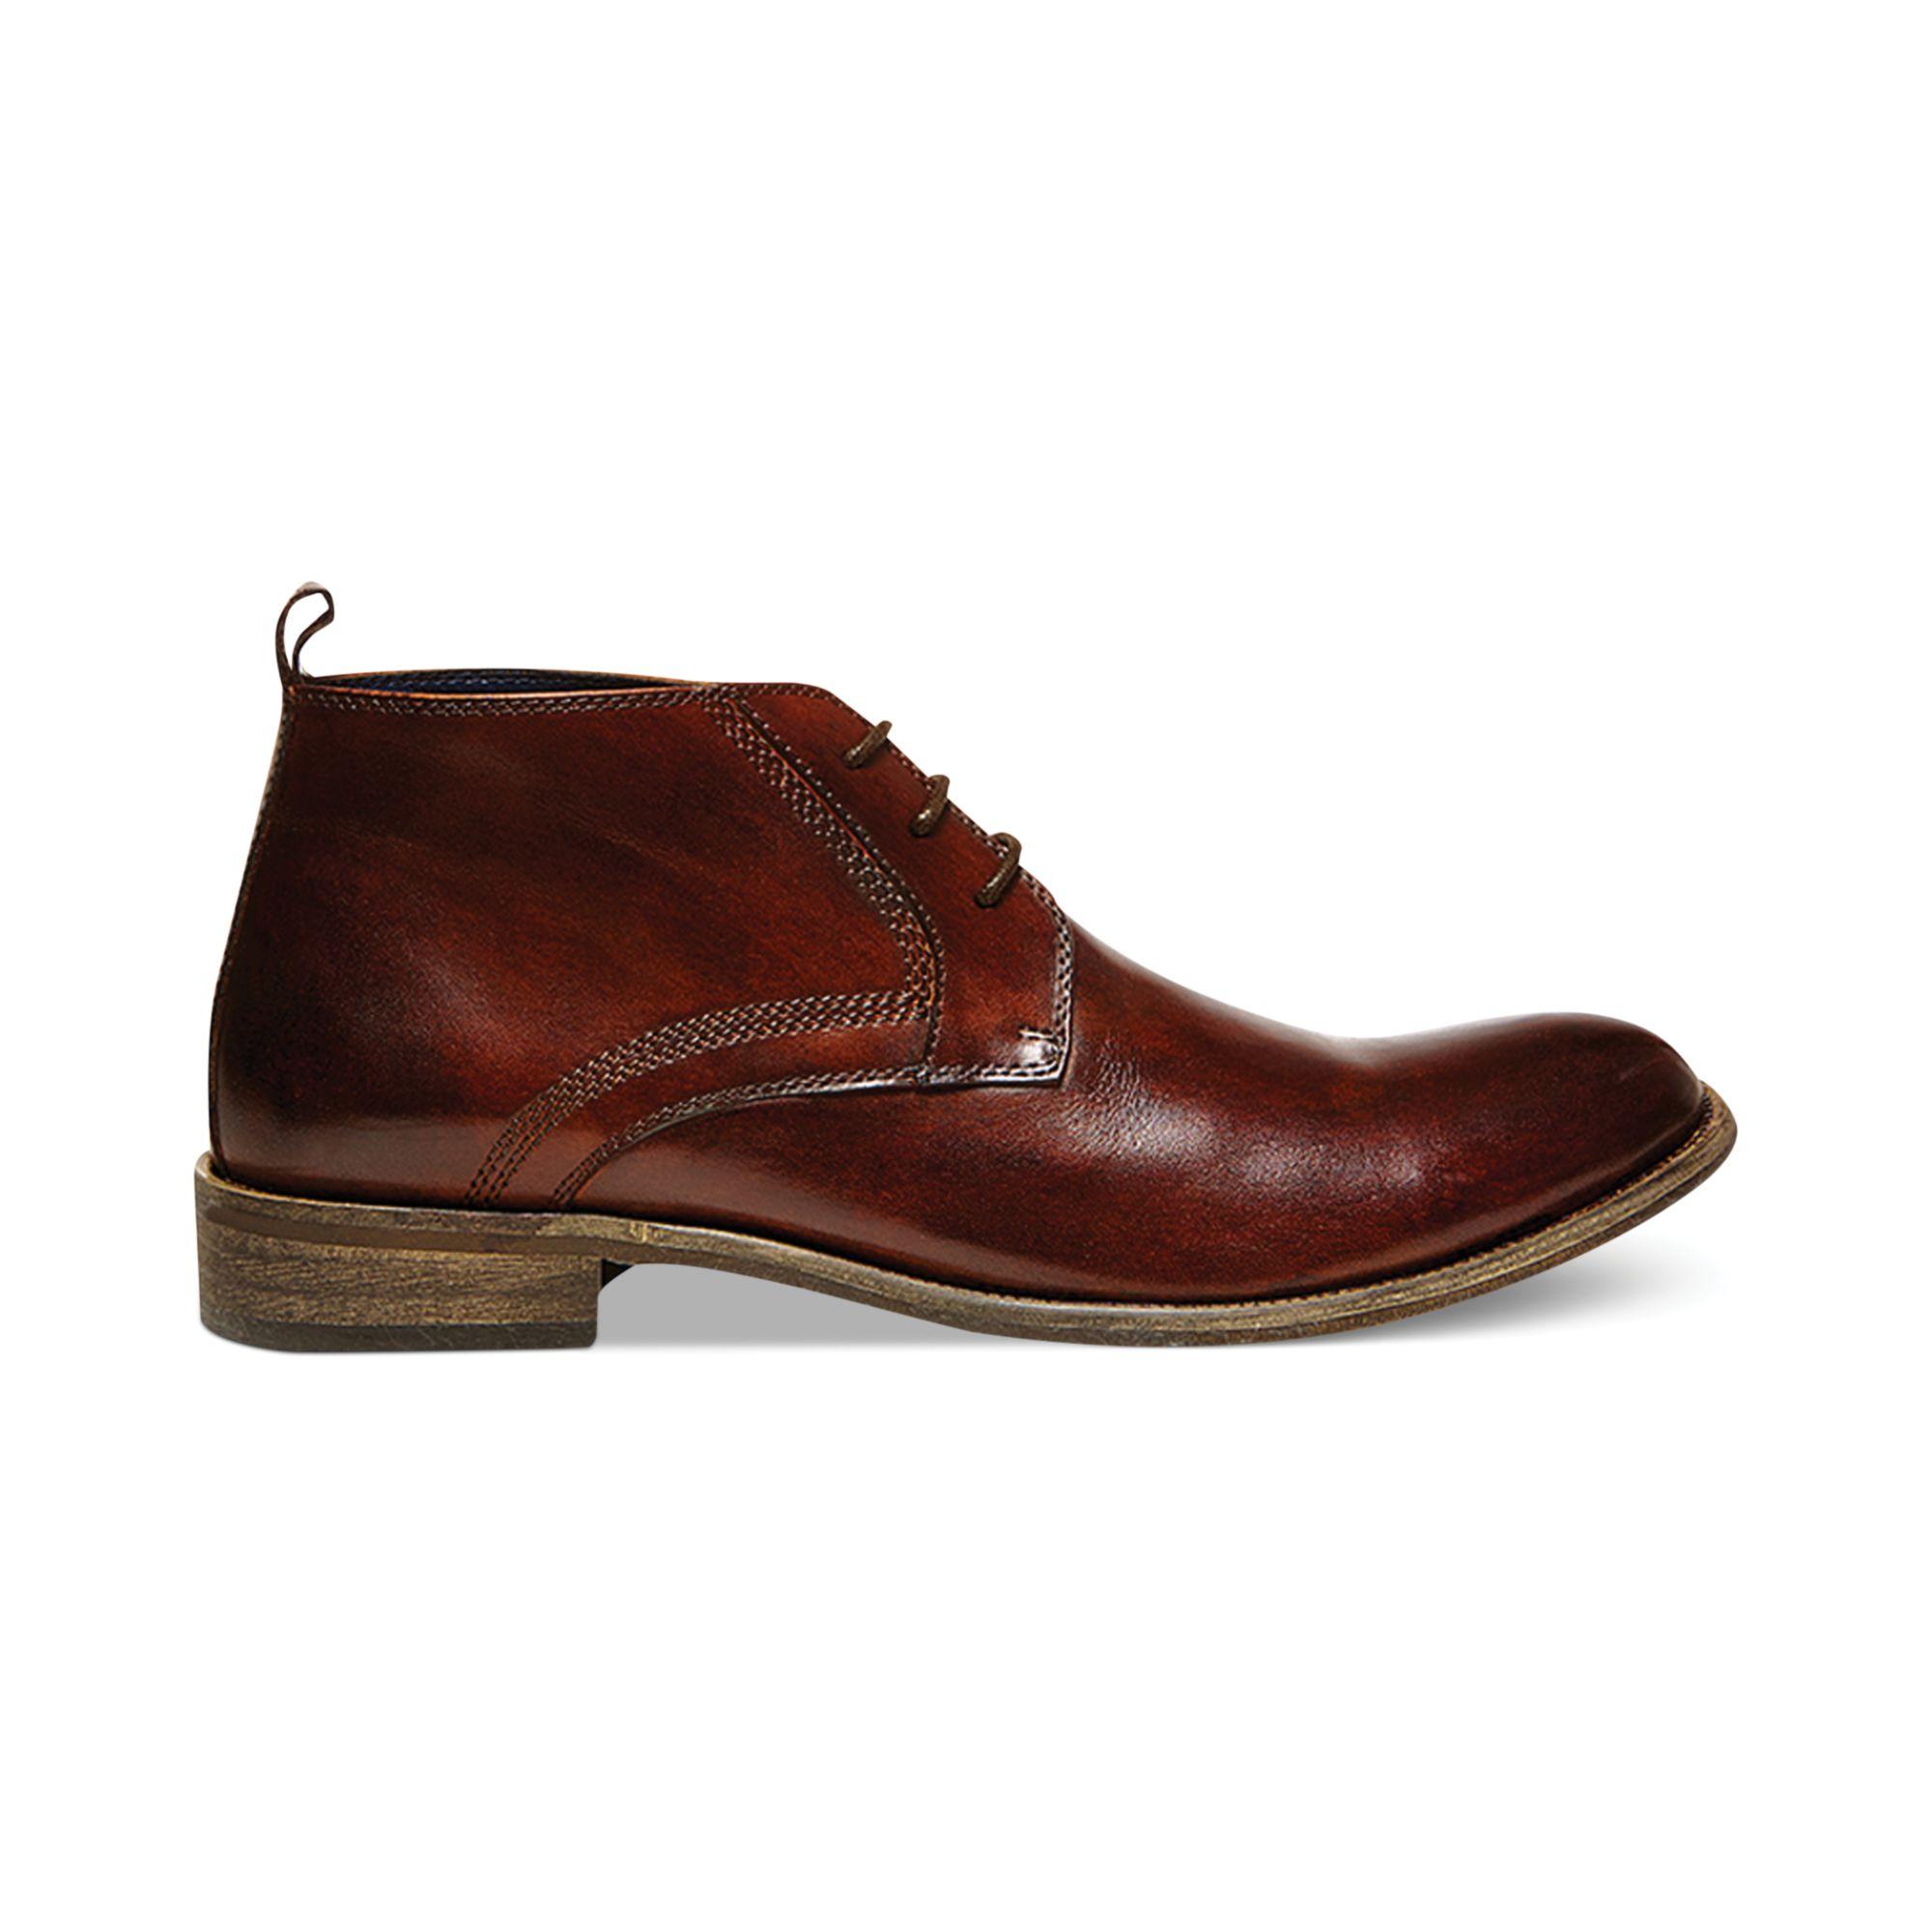 Steve Madden Boots For Men Www Imgkid Com The Image